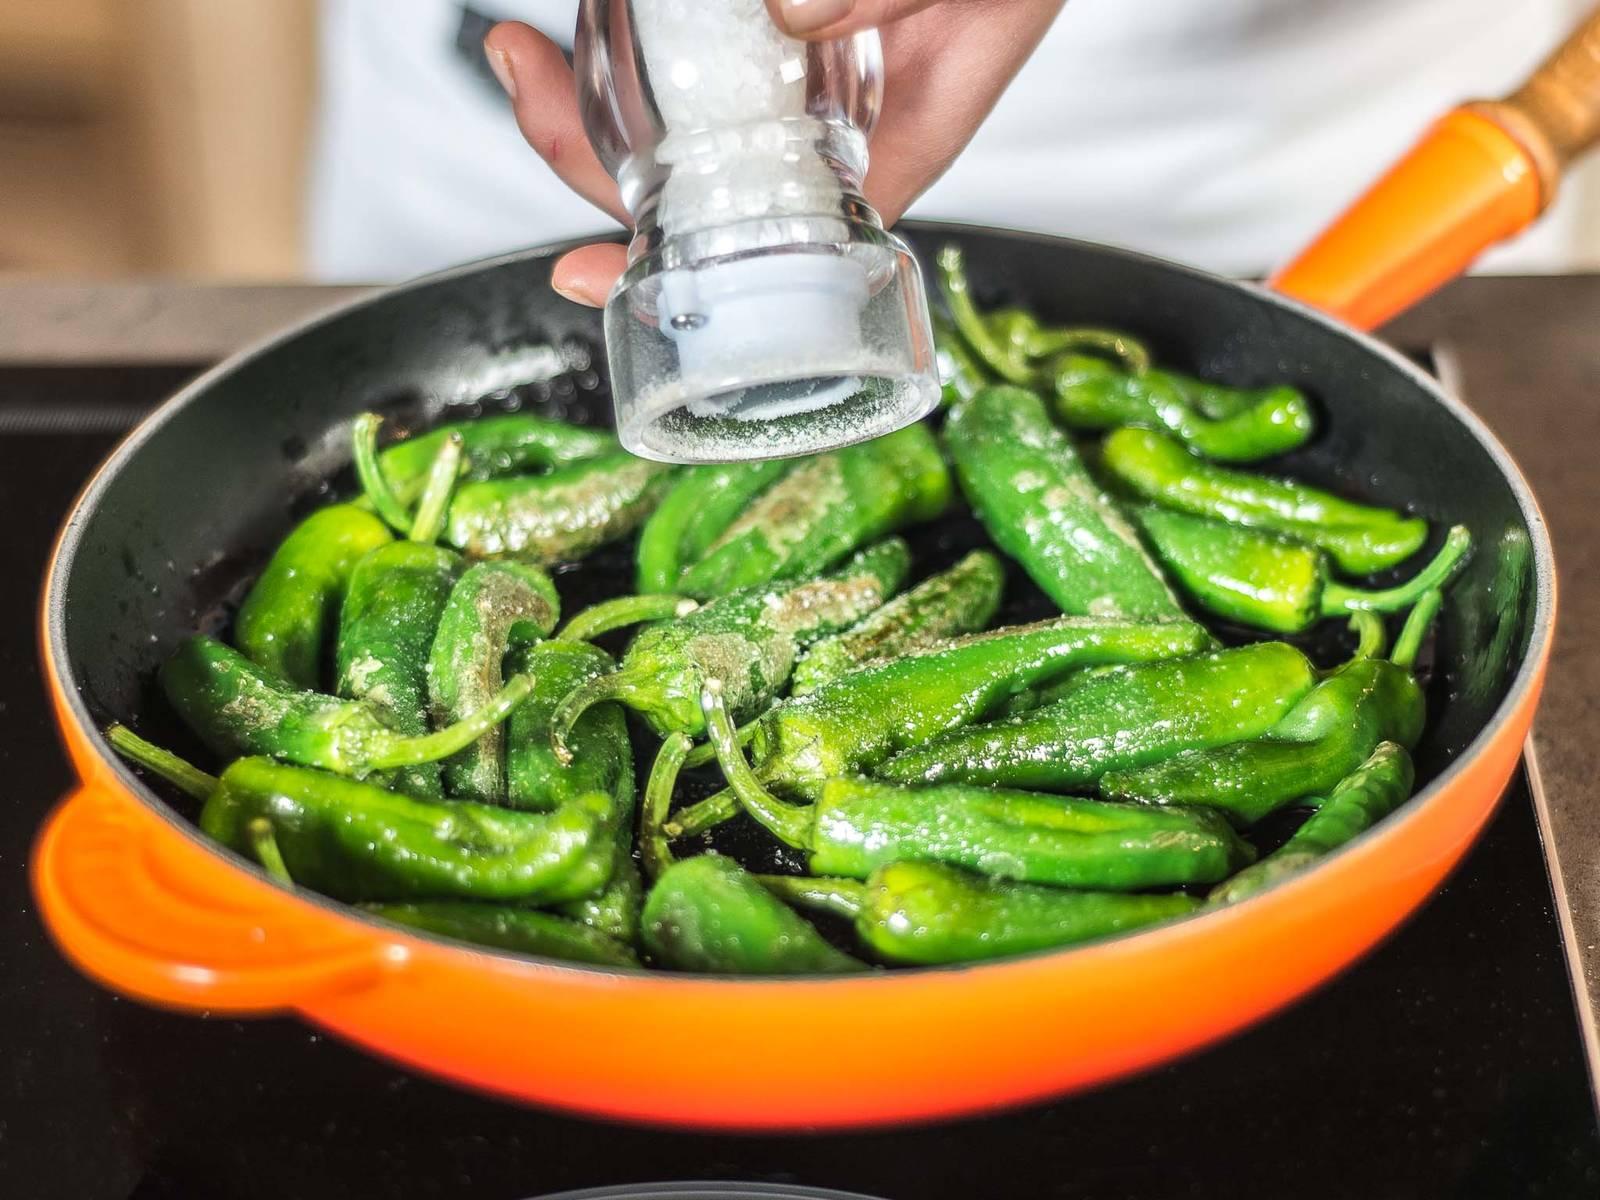 In einer zweiten Pfanne die Pimientos de Padrón in etwas Pflanzenöl scharf anbraten und kräftig salzen. Zum Servieren die Nudeln in der Soße schwenken, in einen tiefen Teller geben und einige gebratene Pimientos obenauf legen.